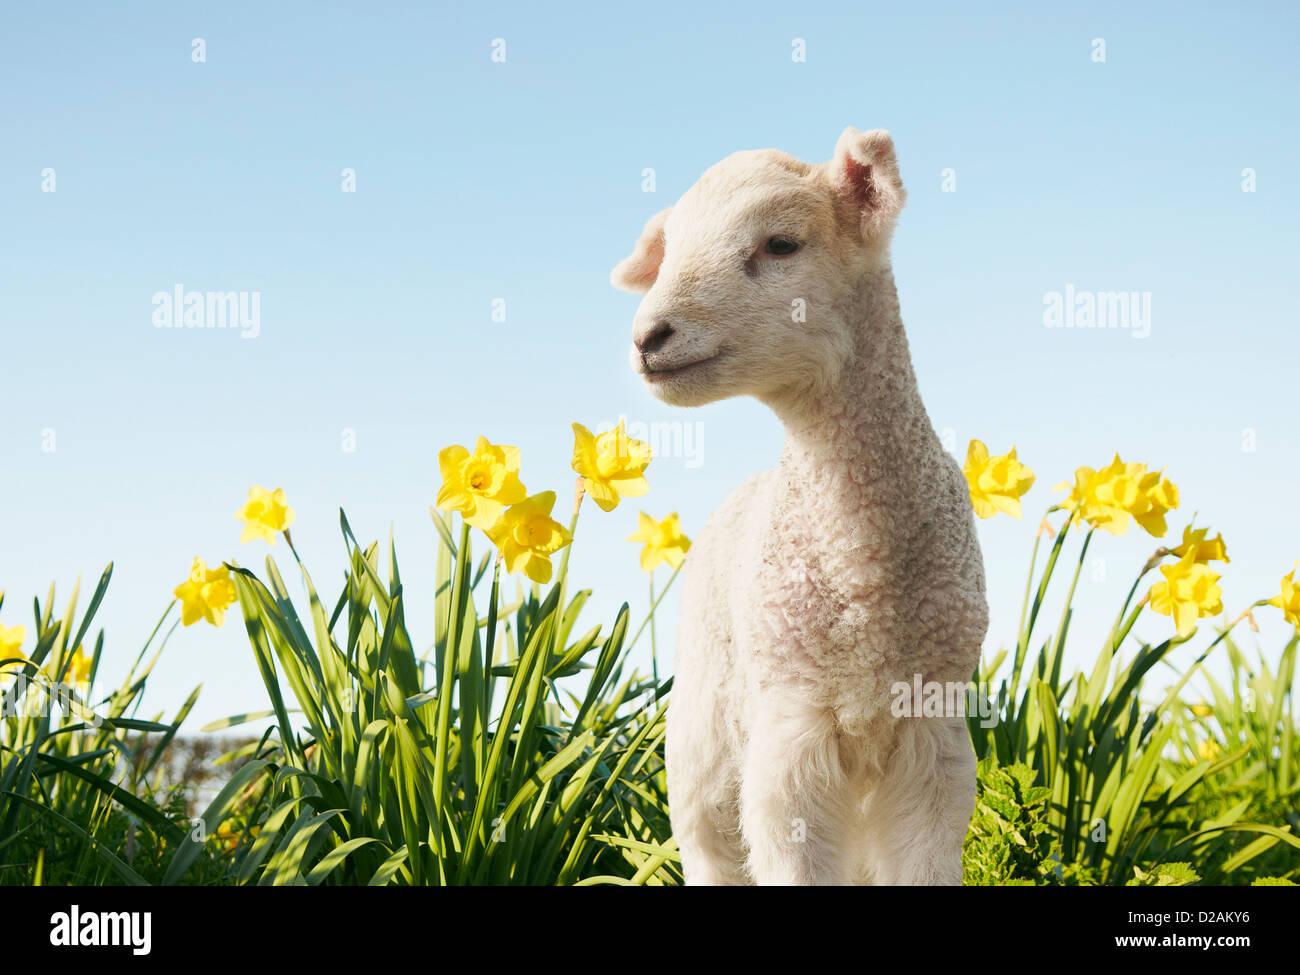 Lamm, Wandern in Blumenfeld Stockfoto